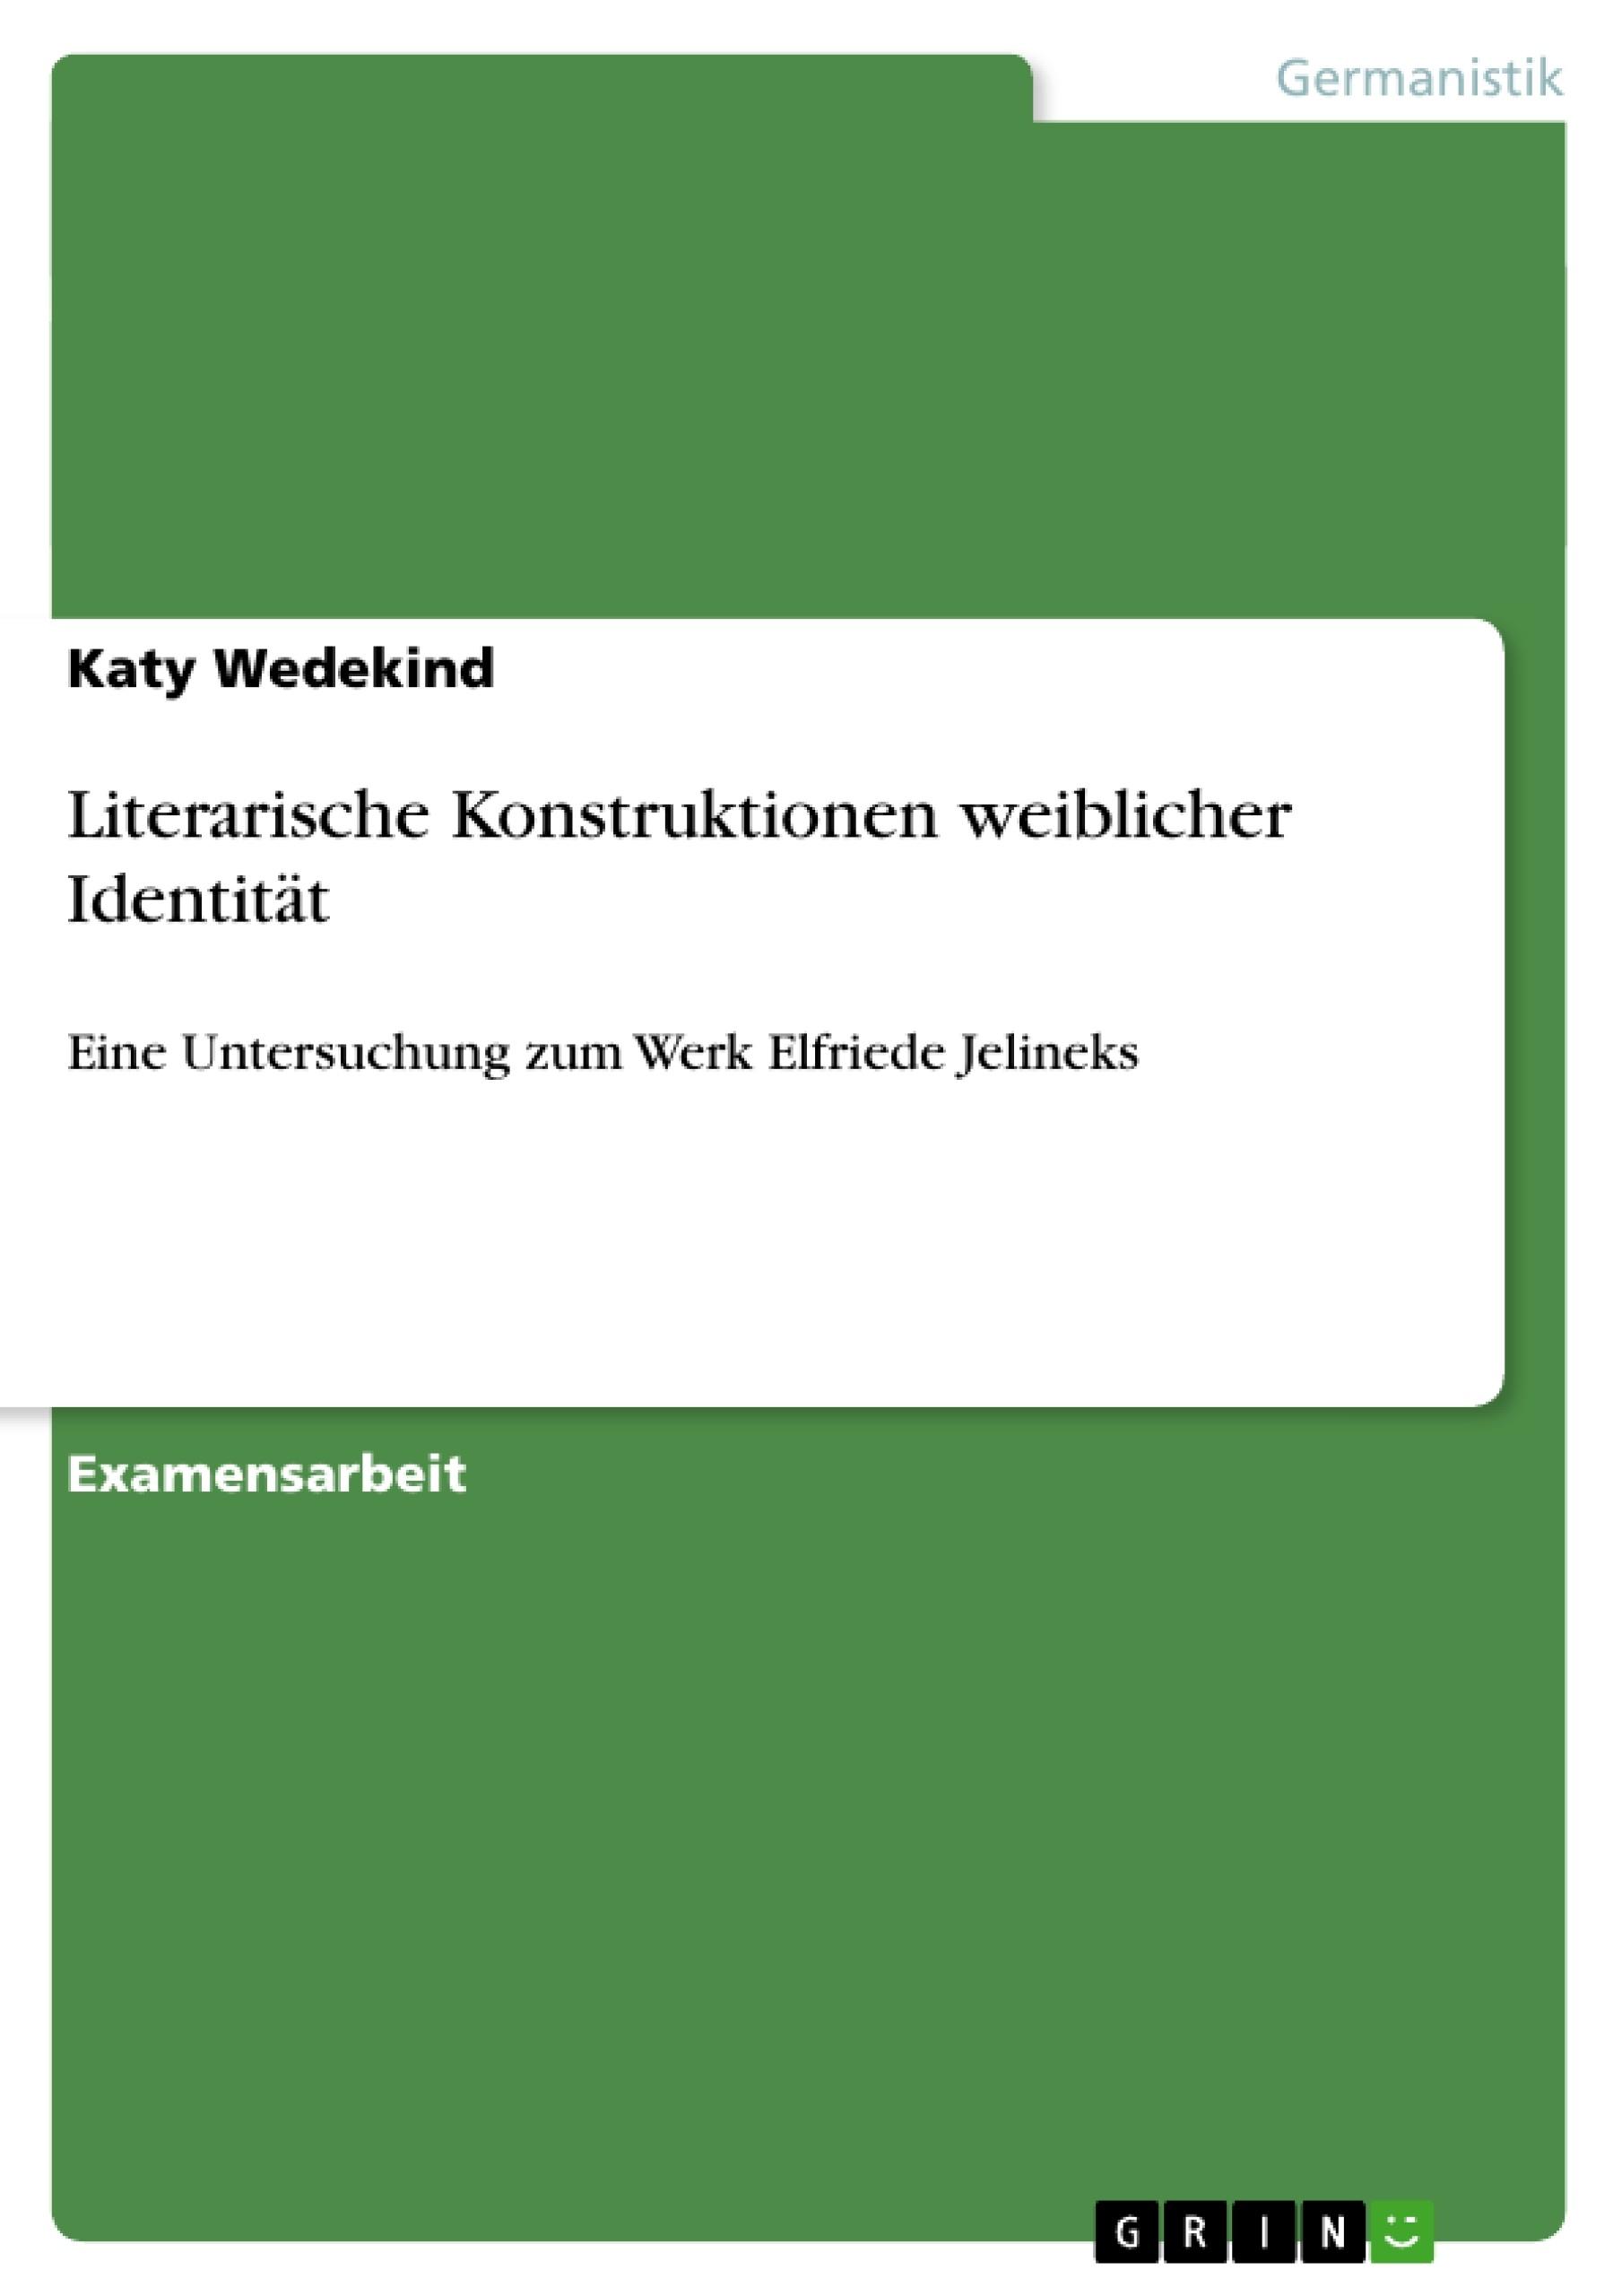 Titel: Literarische Konstruktionen weiblicher Identität